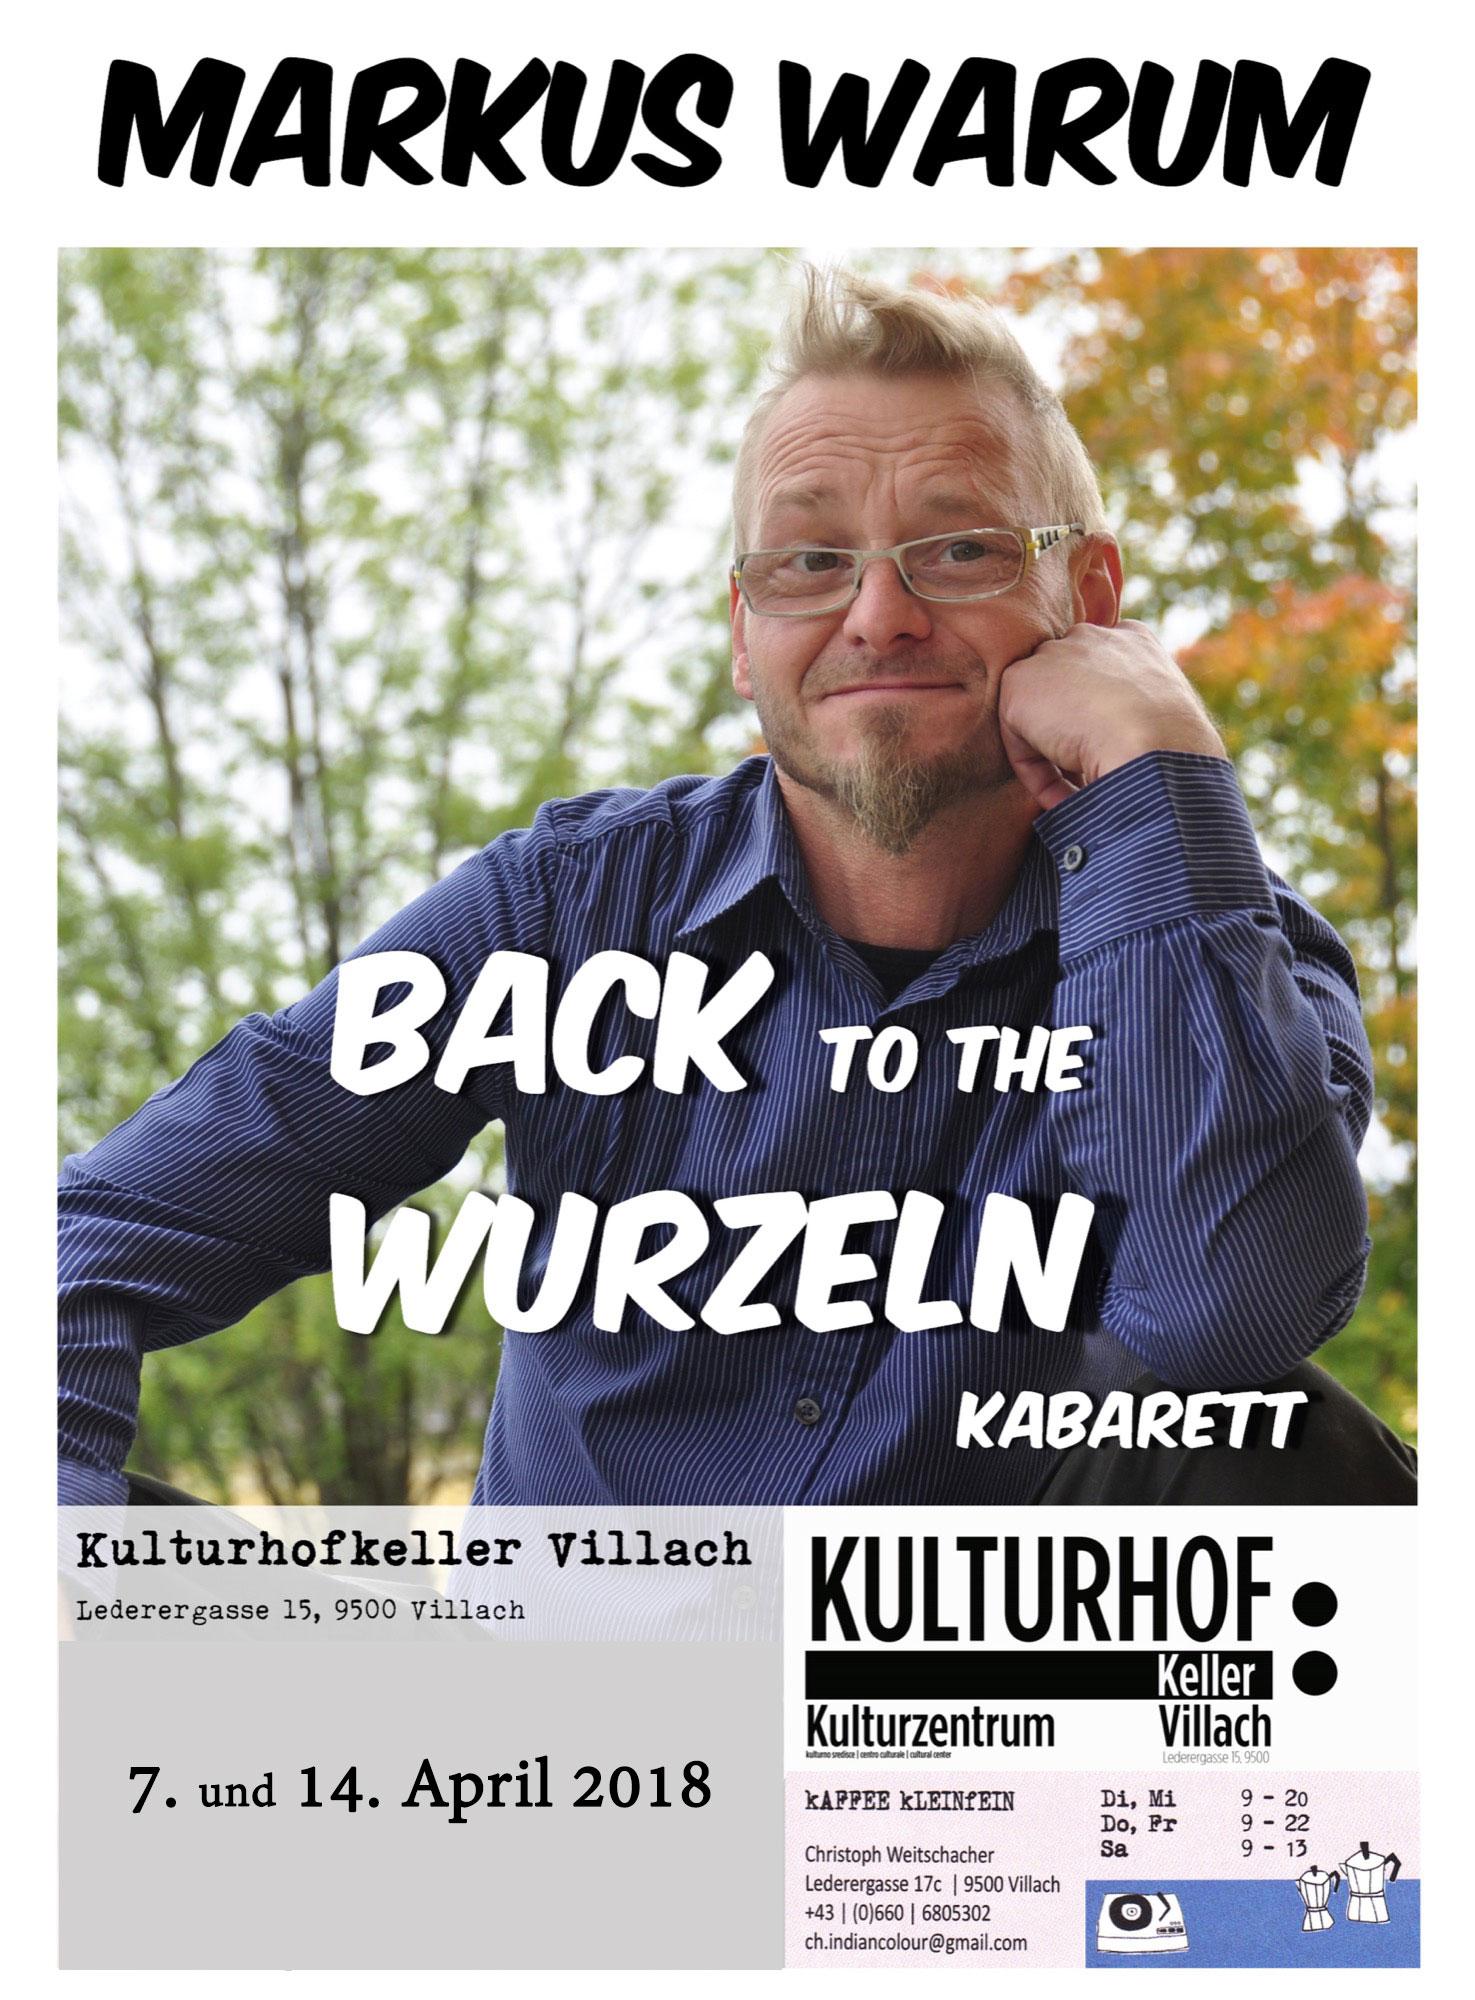 Back-to-the-Wurzeln-Termine-neu-April-18-2